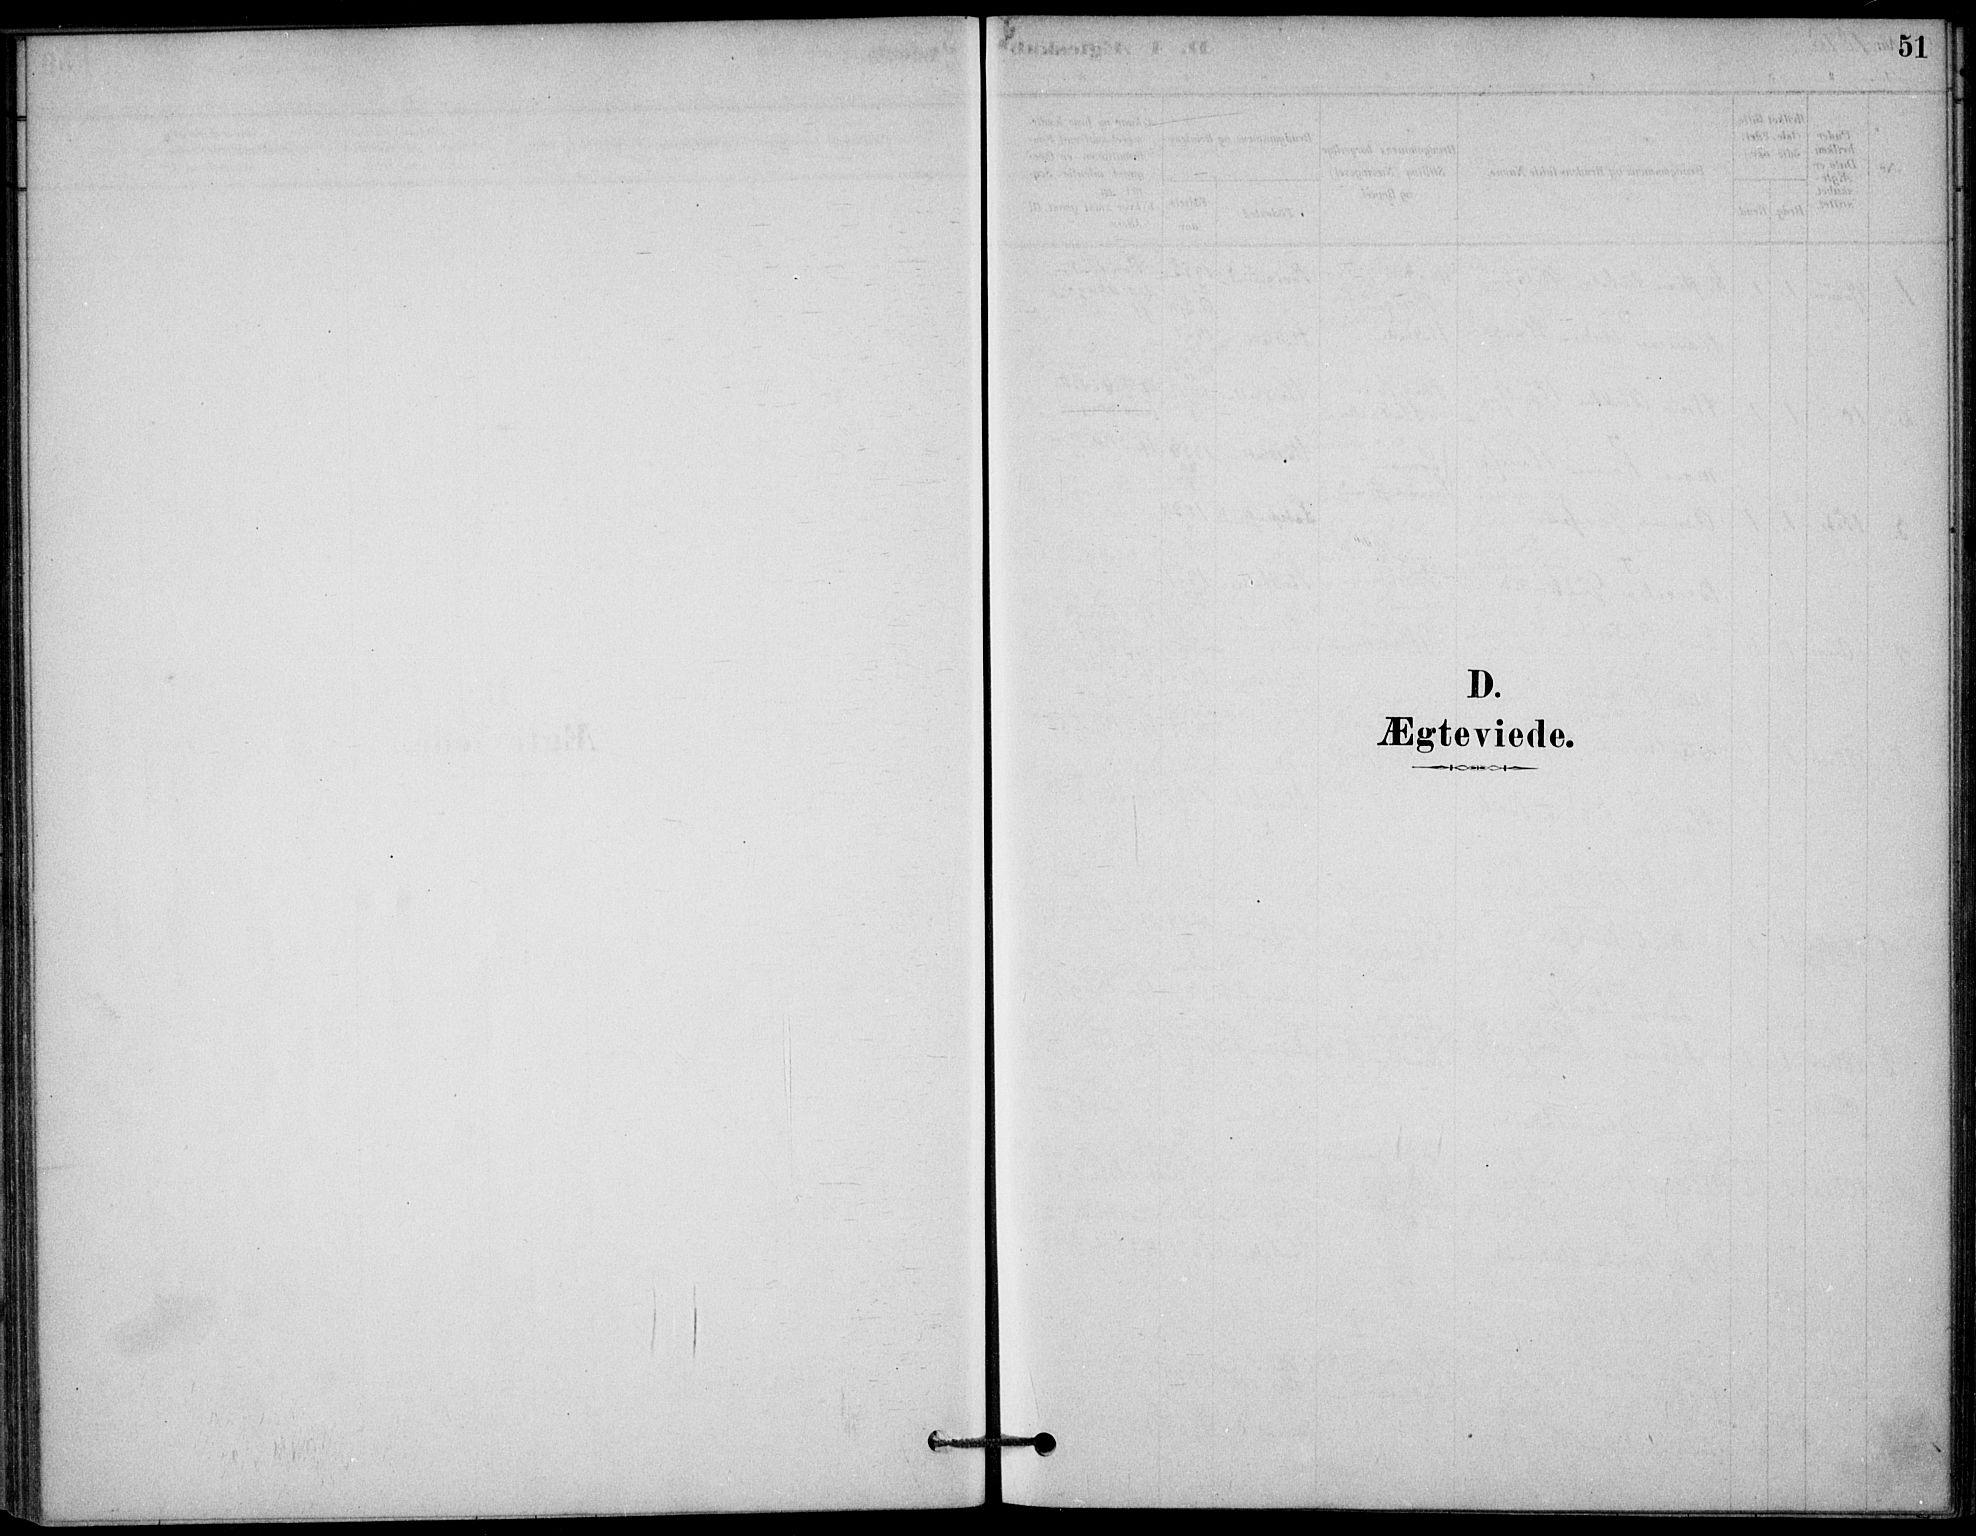 SAKO, Bamble kirkebøker, G/Gb/L0001: Klokkerbok nr. II 1, 1878-1900, s. 51